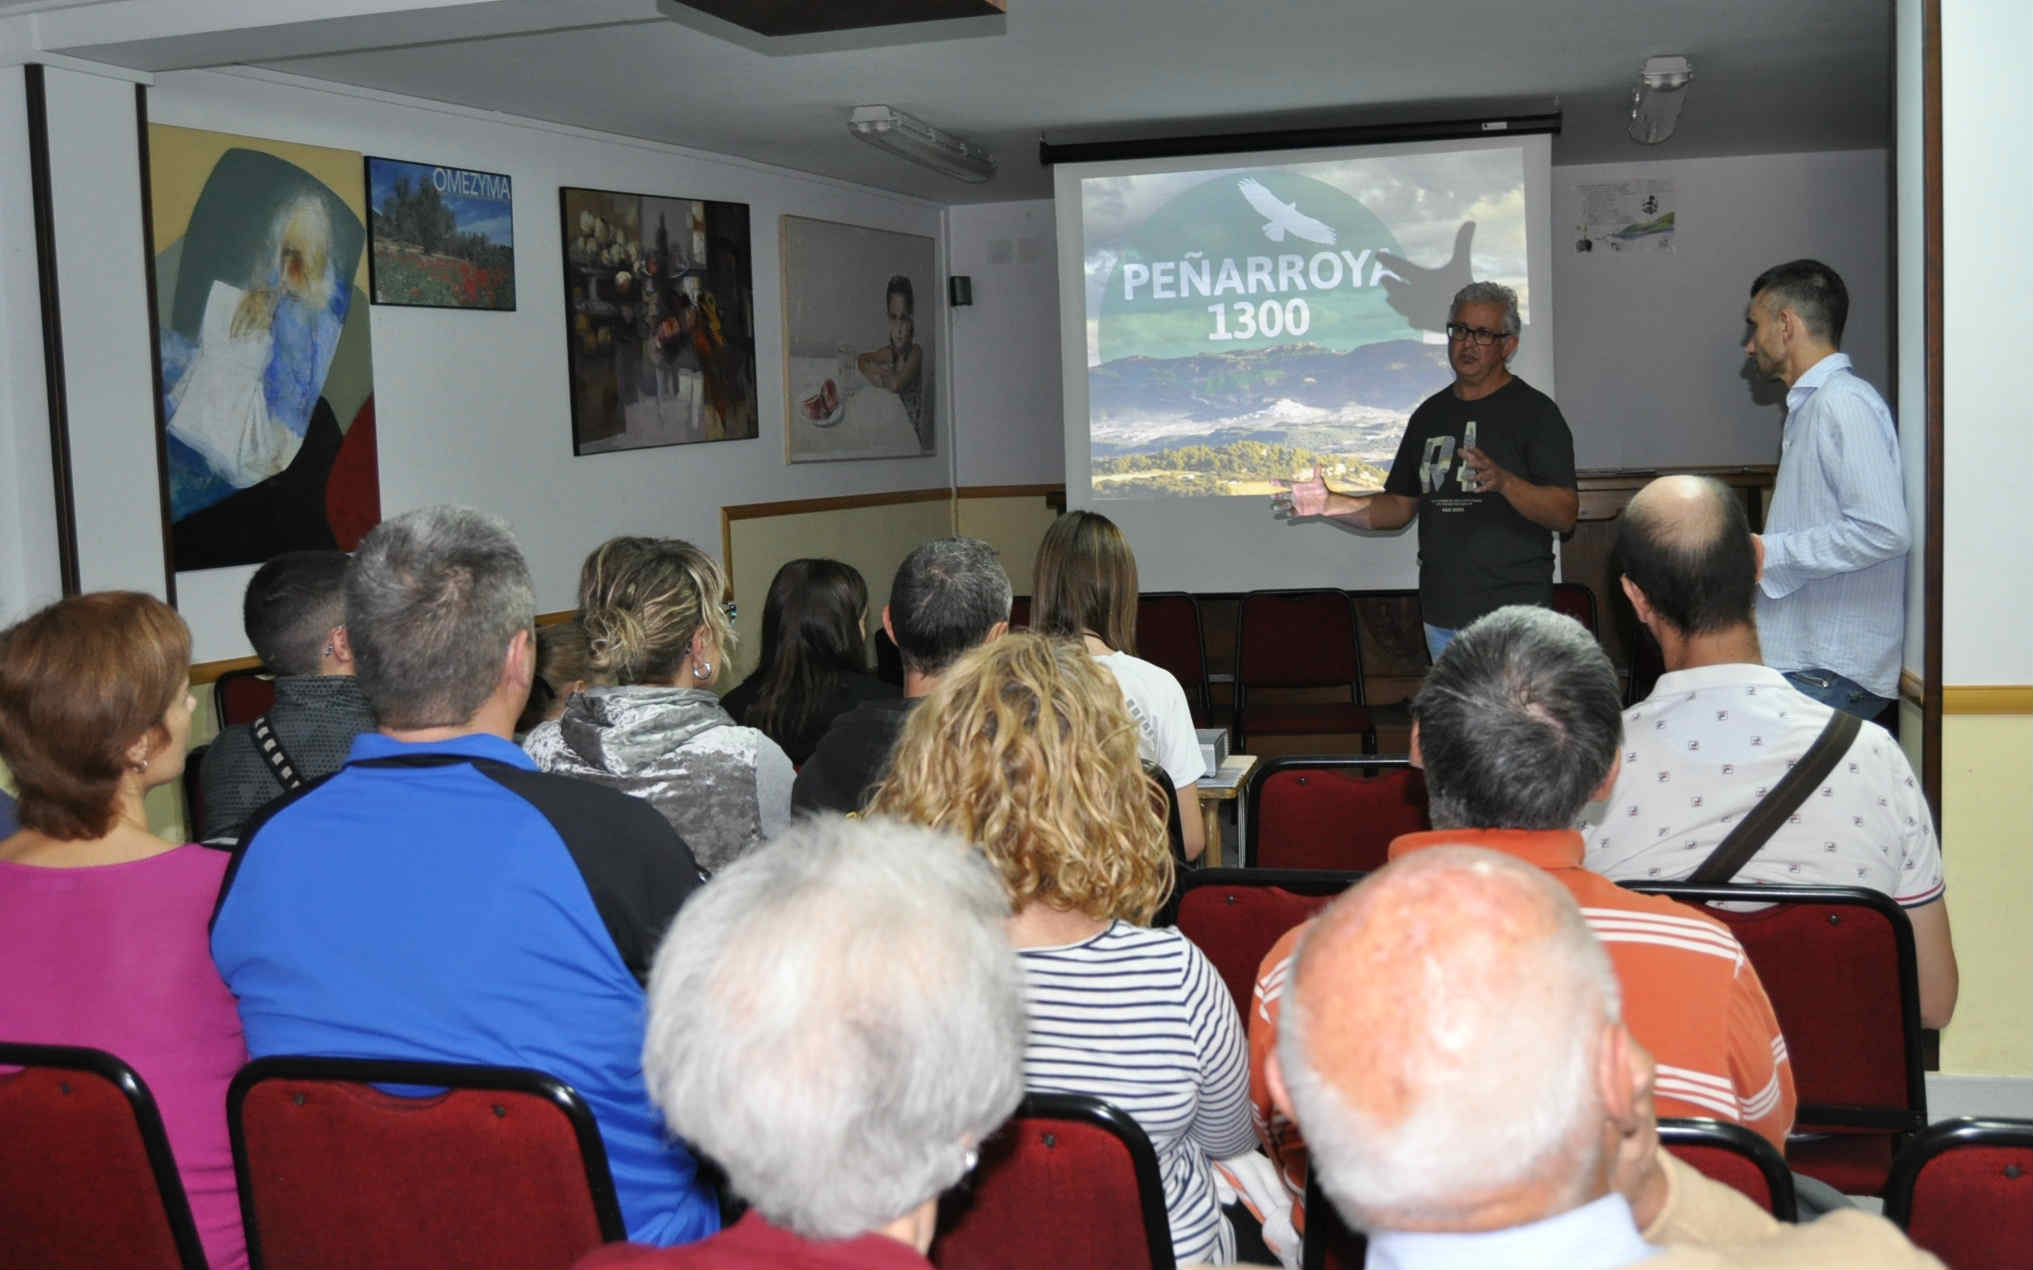 El organizador Luis Lizana y el alcalde de Peñarroya, Paco Esteve, presentaron las rutas Peñarroya 1300